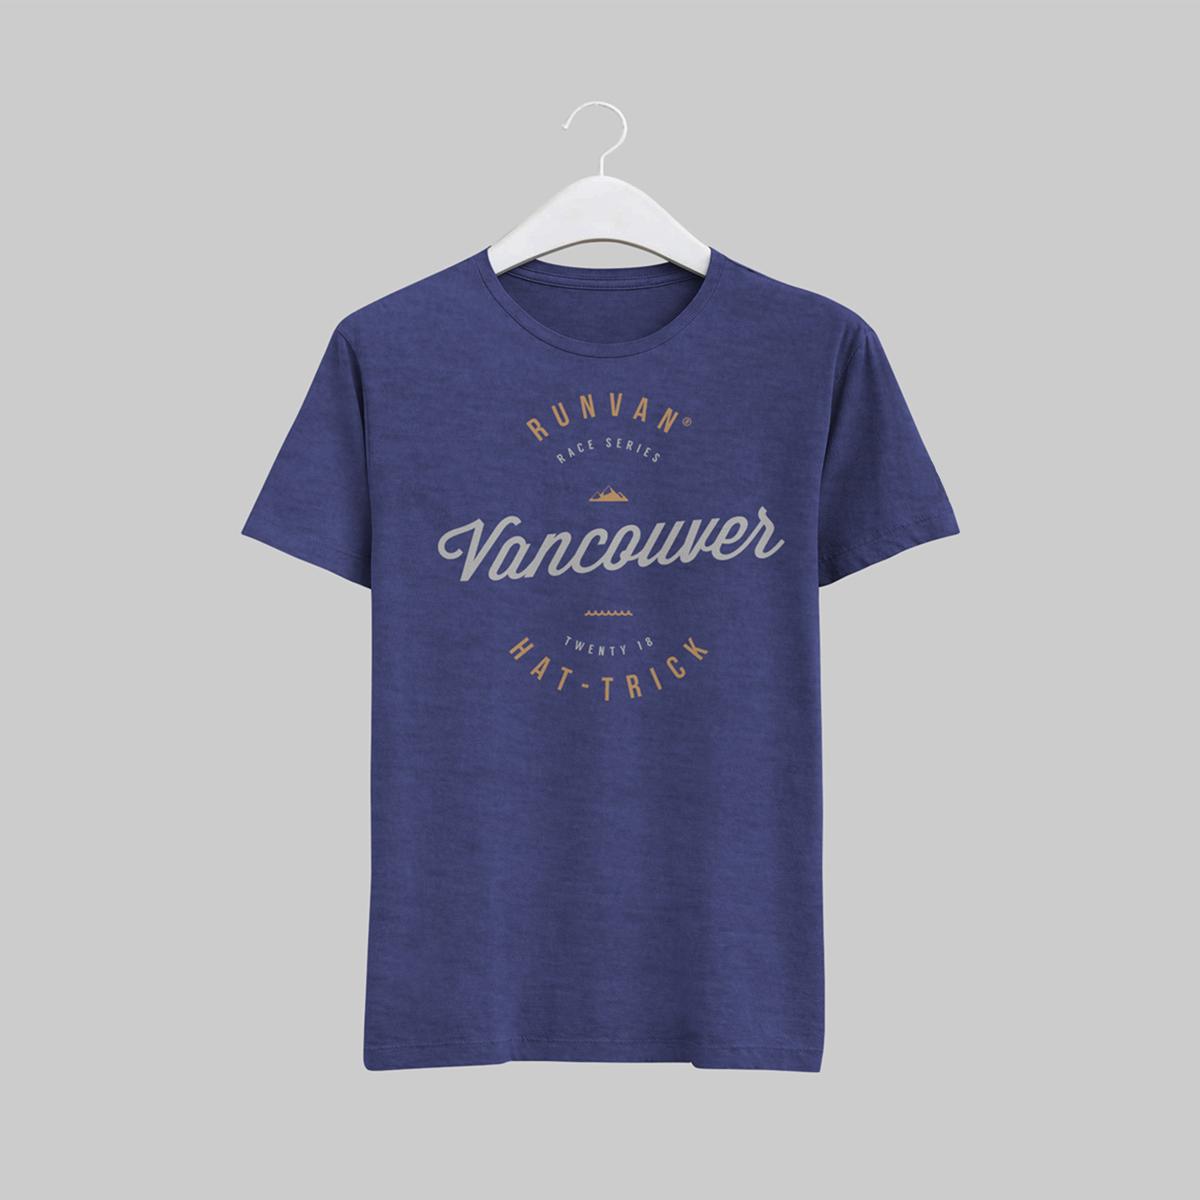 2018.M.Merchandise-RUNVAN®.Hattrick.Frontprint